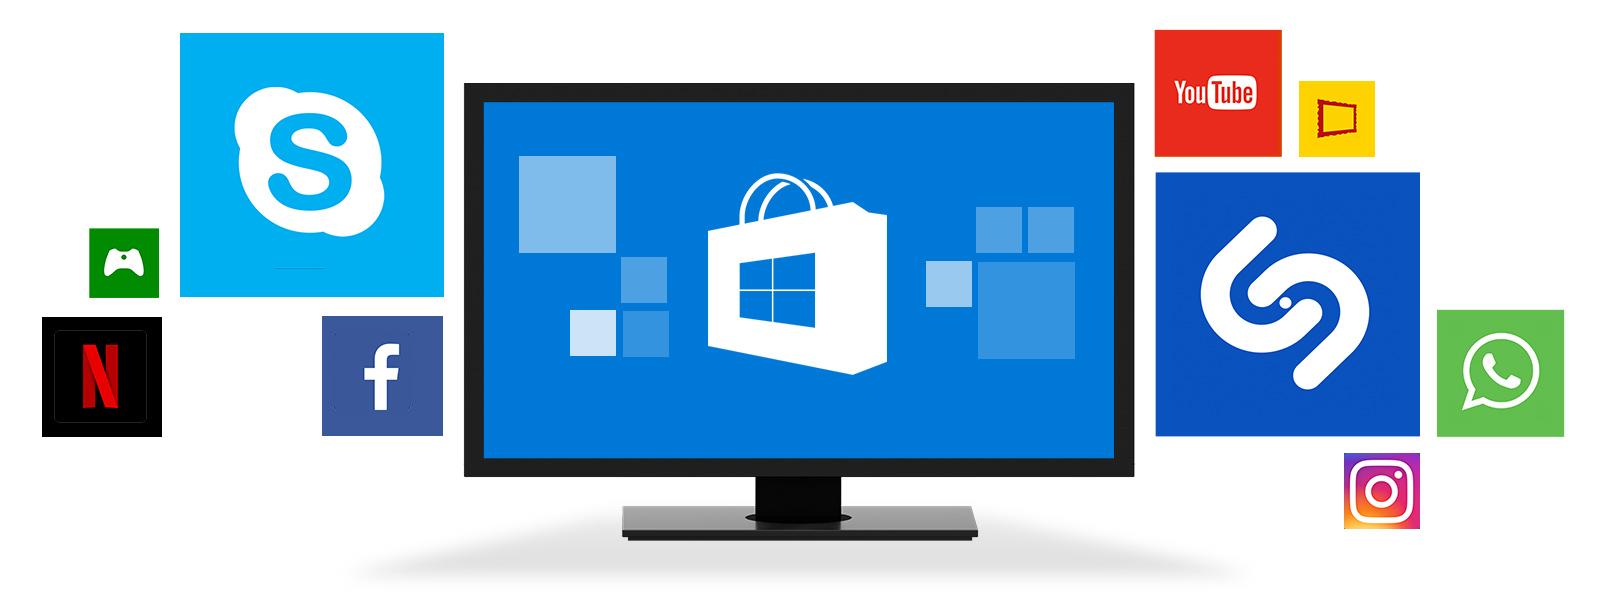 Пристрій Windows із кількома плитками програм, що рухаються навколо нього